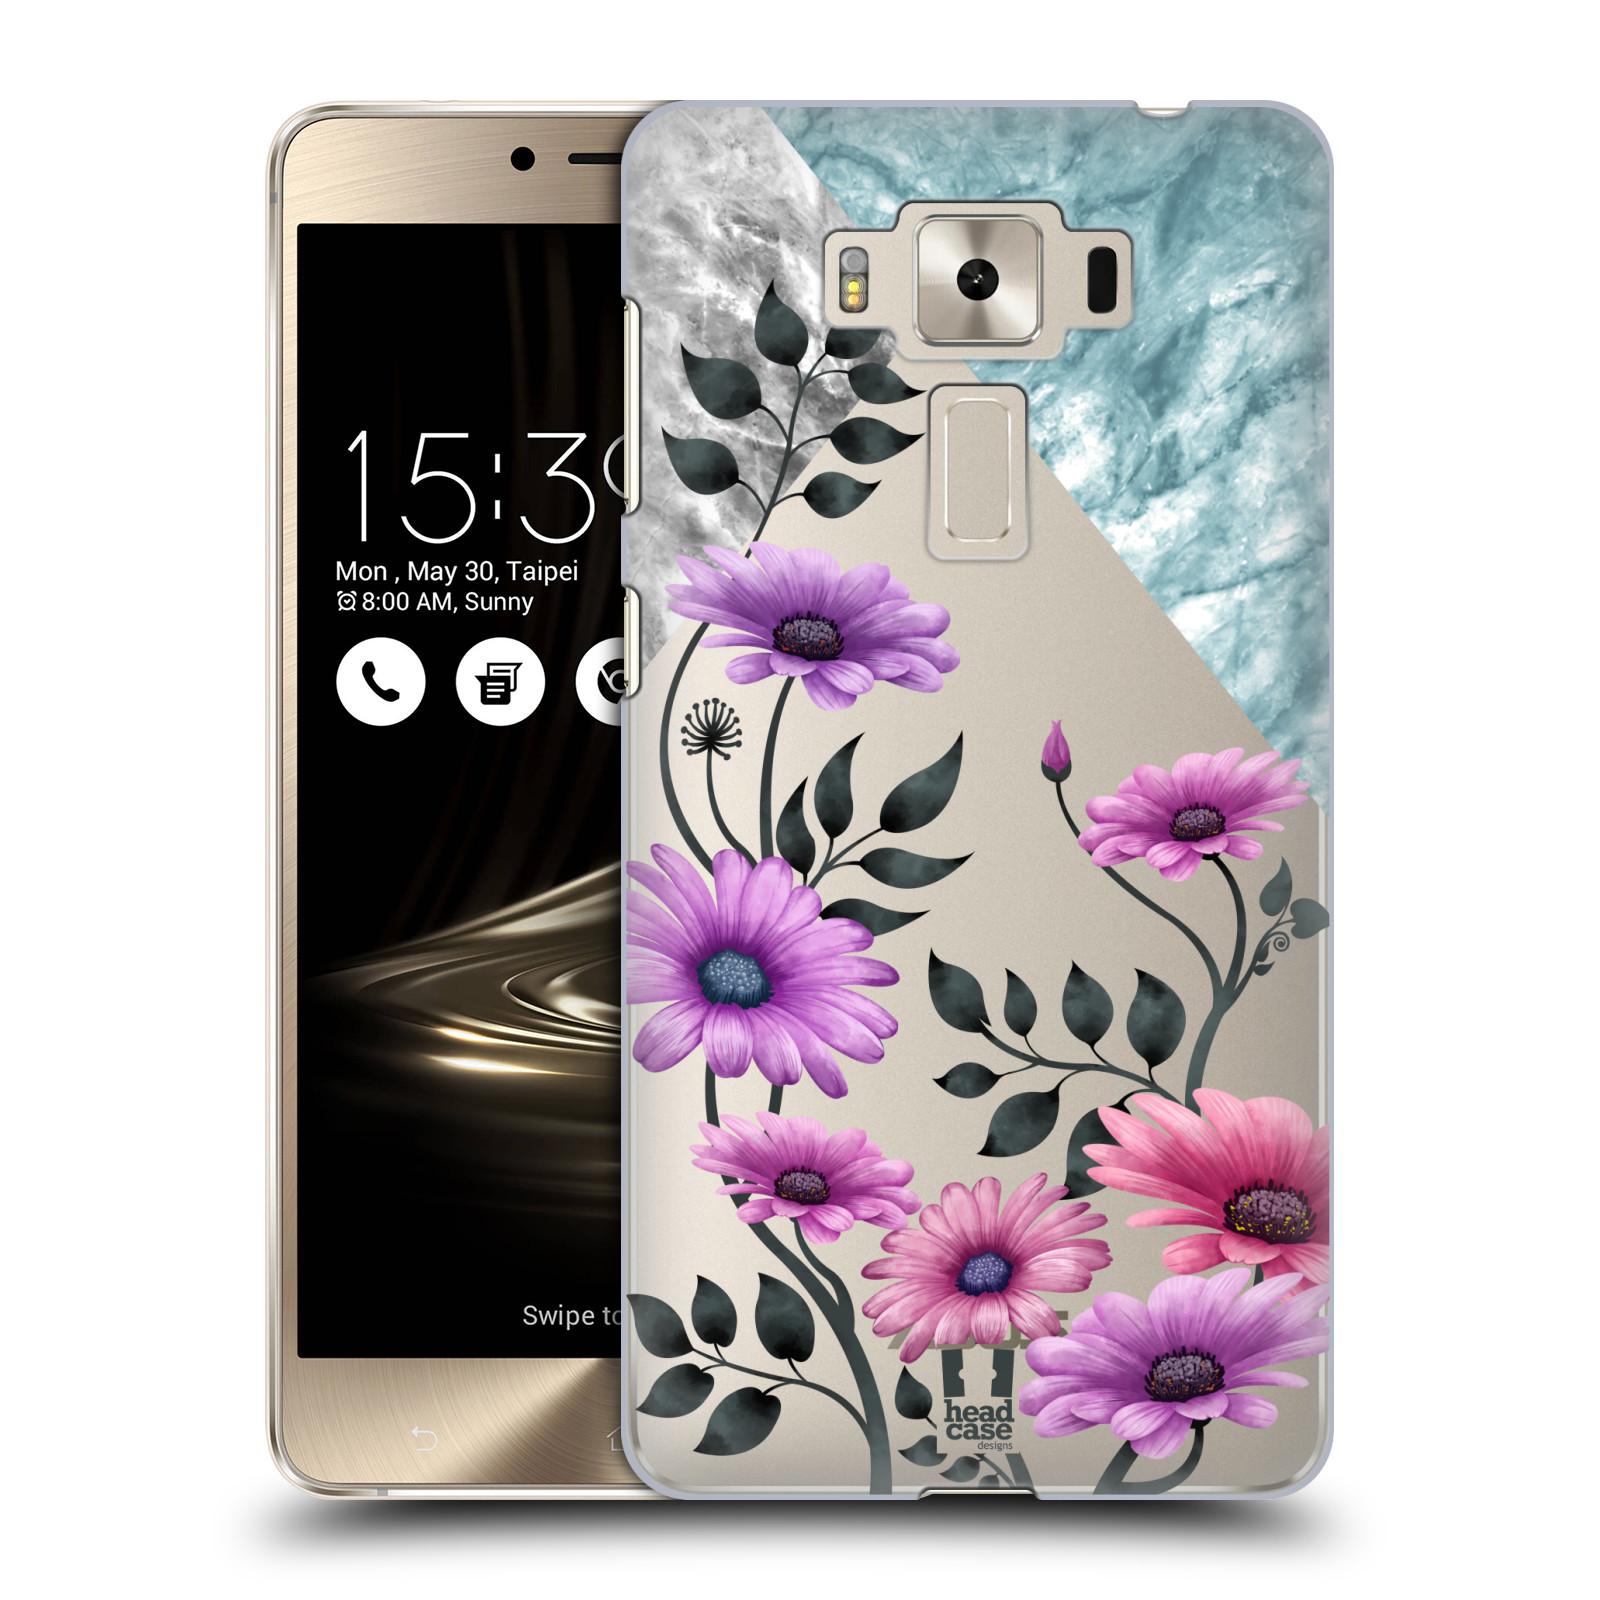 HEAD CASE plastový obal na mobil Asus Zenfone 3 DELUXE ZS550KL květiny hvězdnice, Aster fialová a modrá